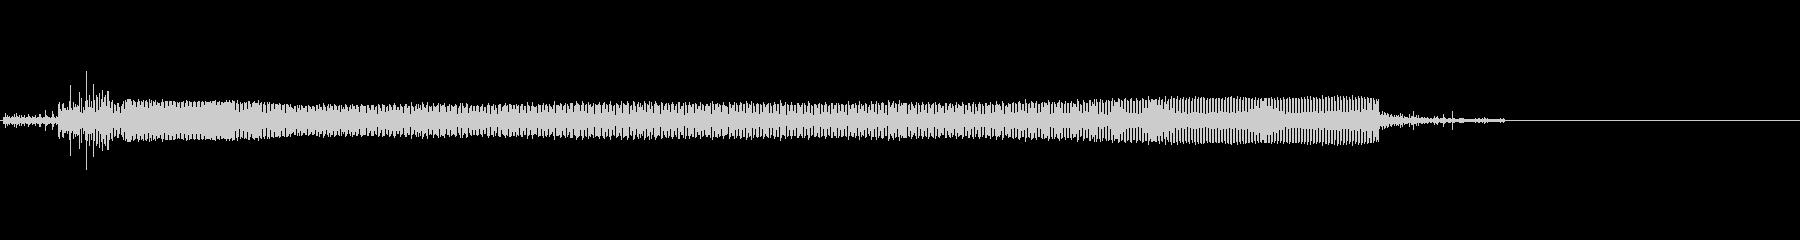 ツール;エアツールオン定常点灯、オフの未再生の波形